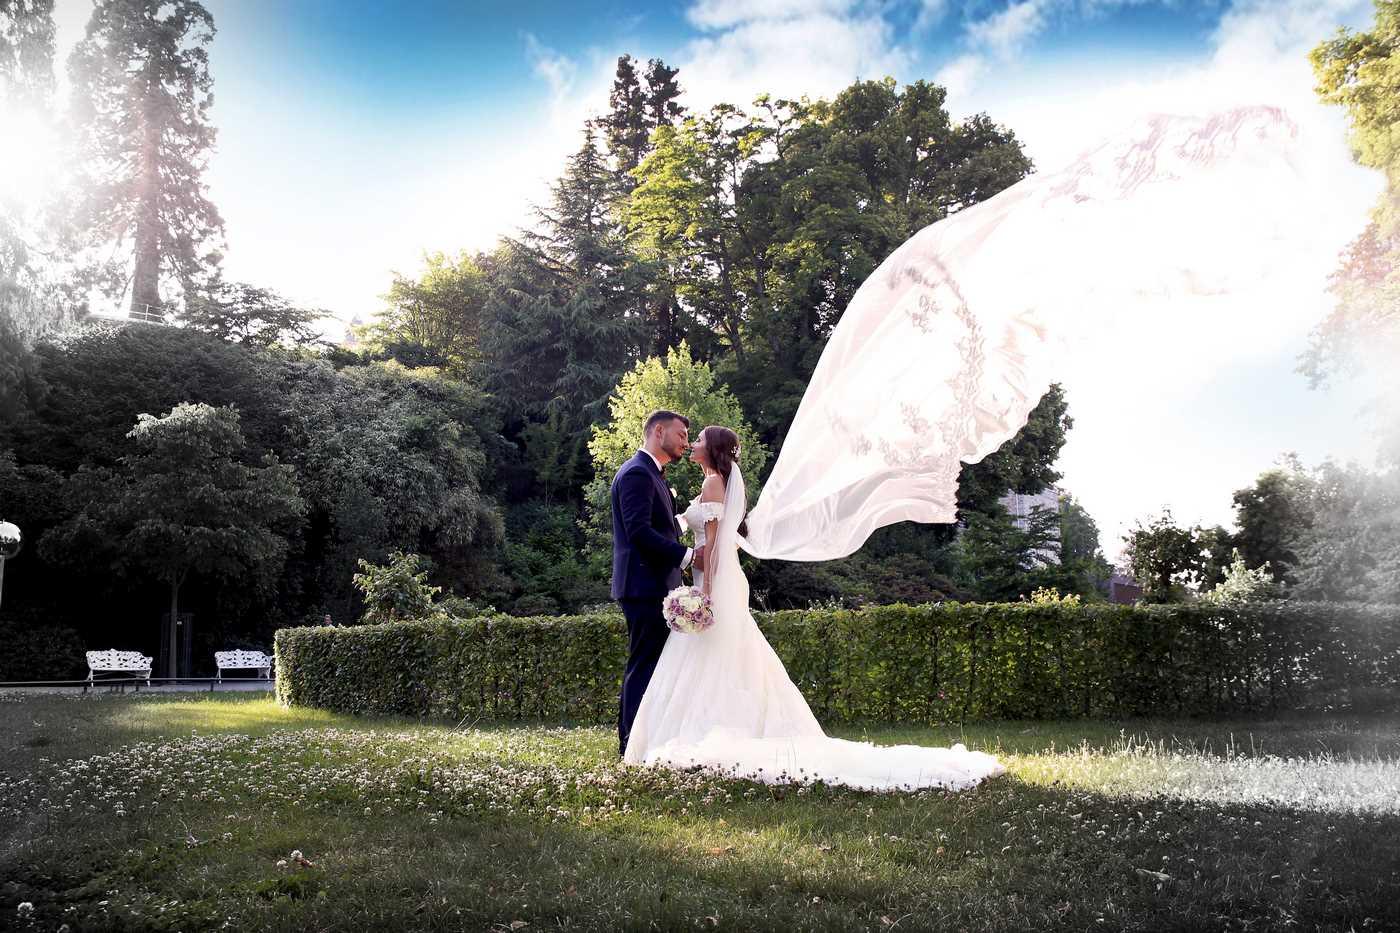 Braut mit Schleier in der Luft